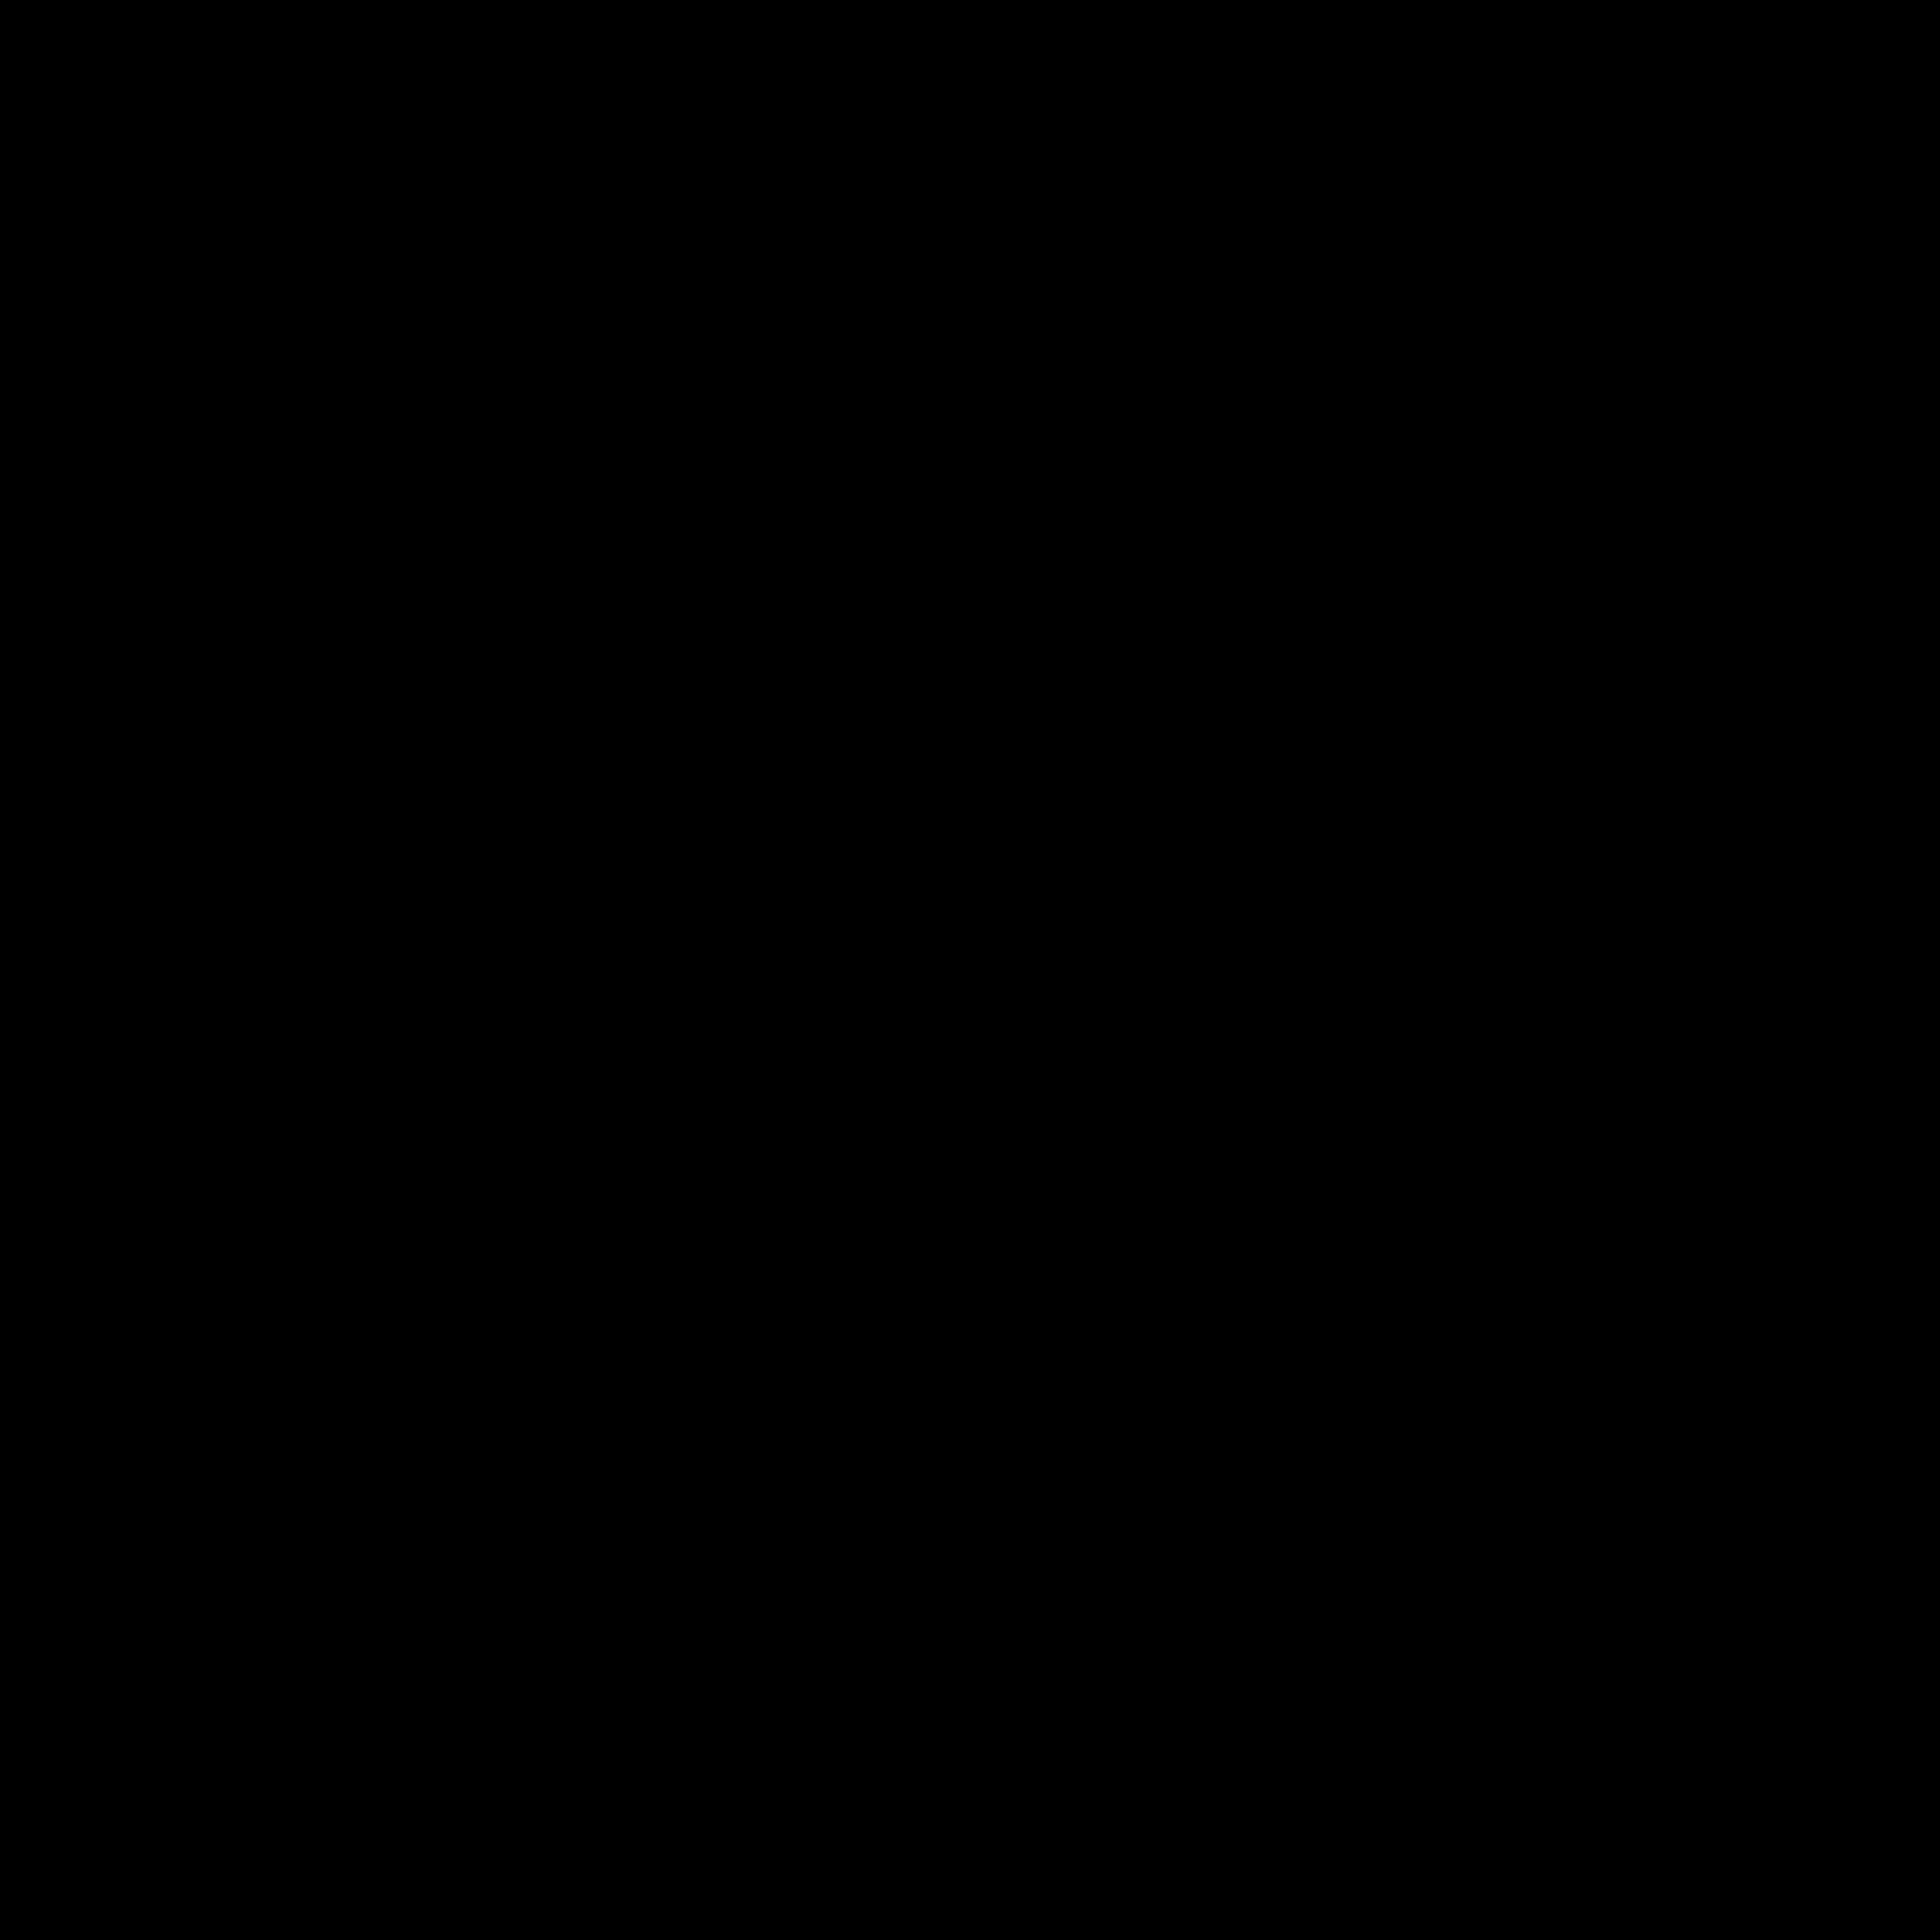 kickstarter, black icon